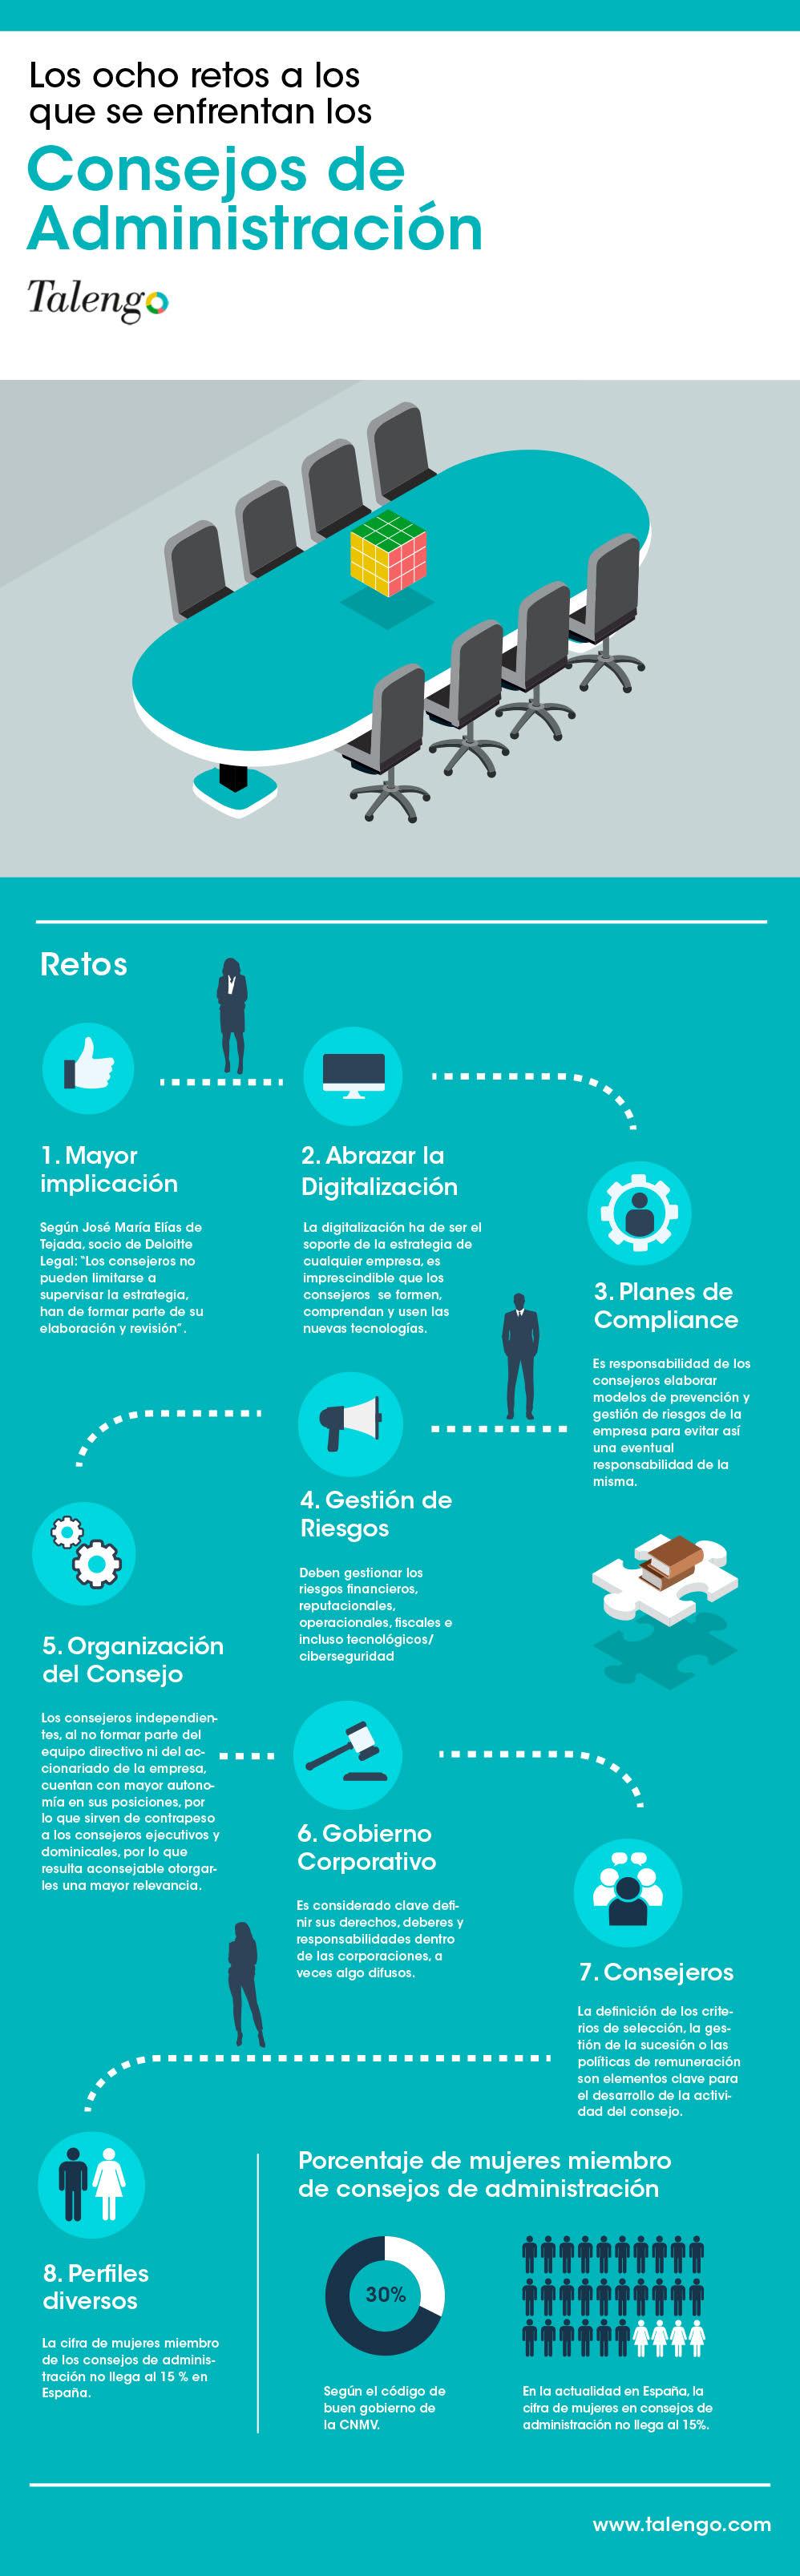 infografia consejos de administración